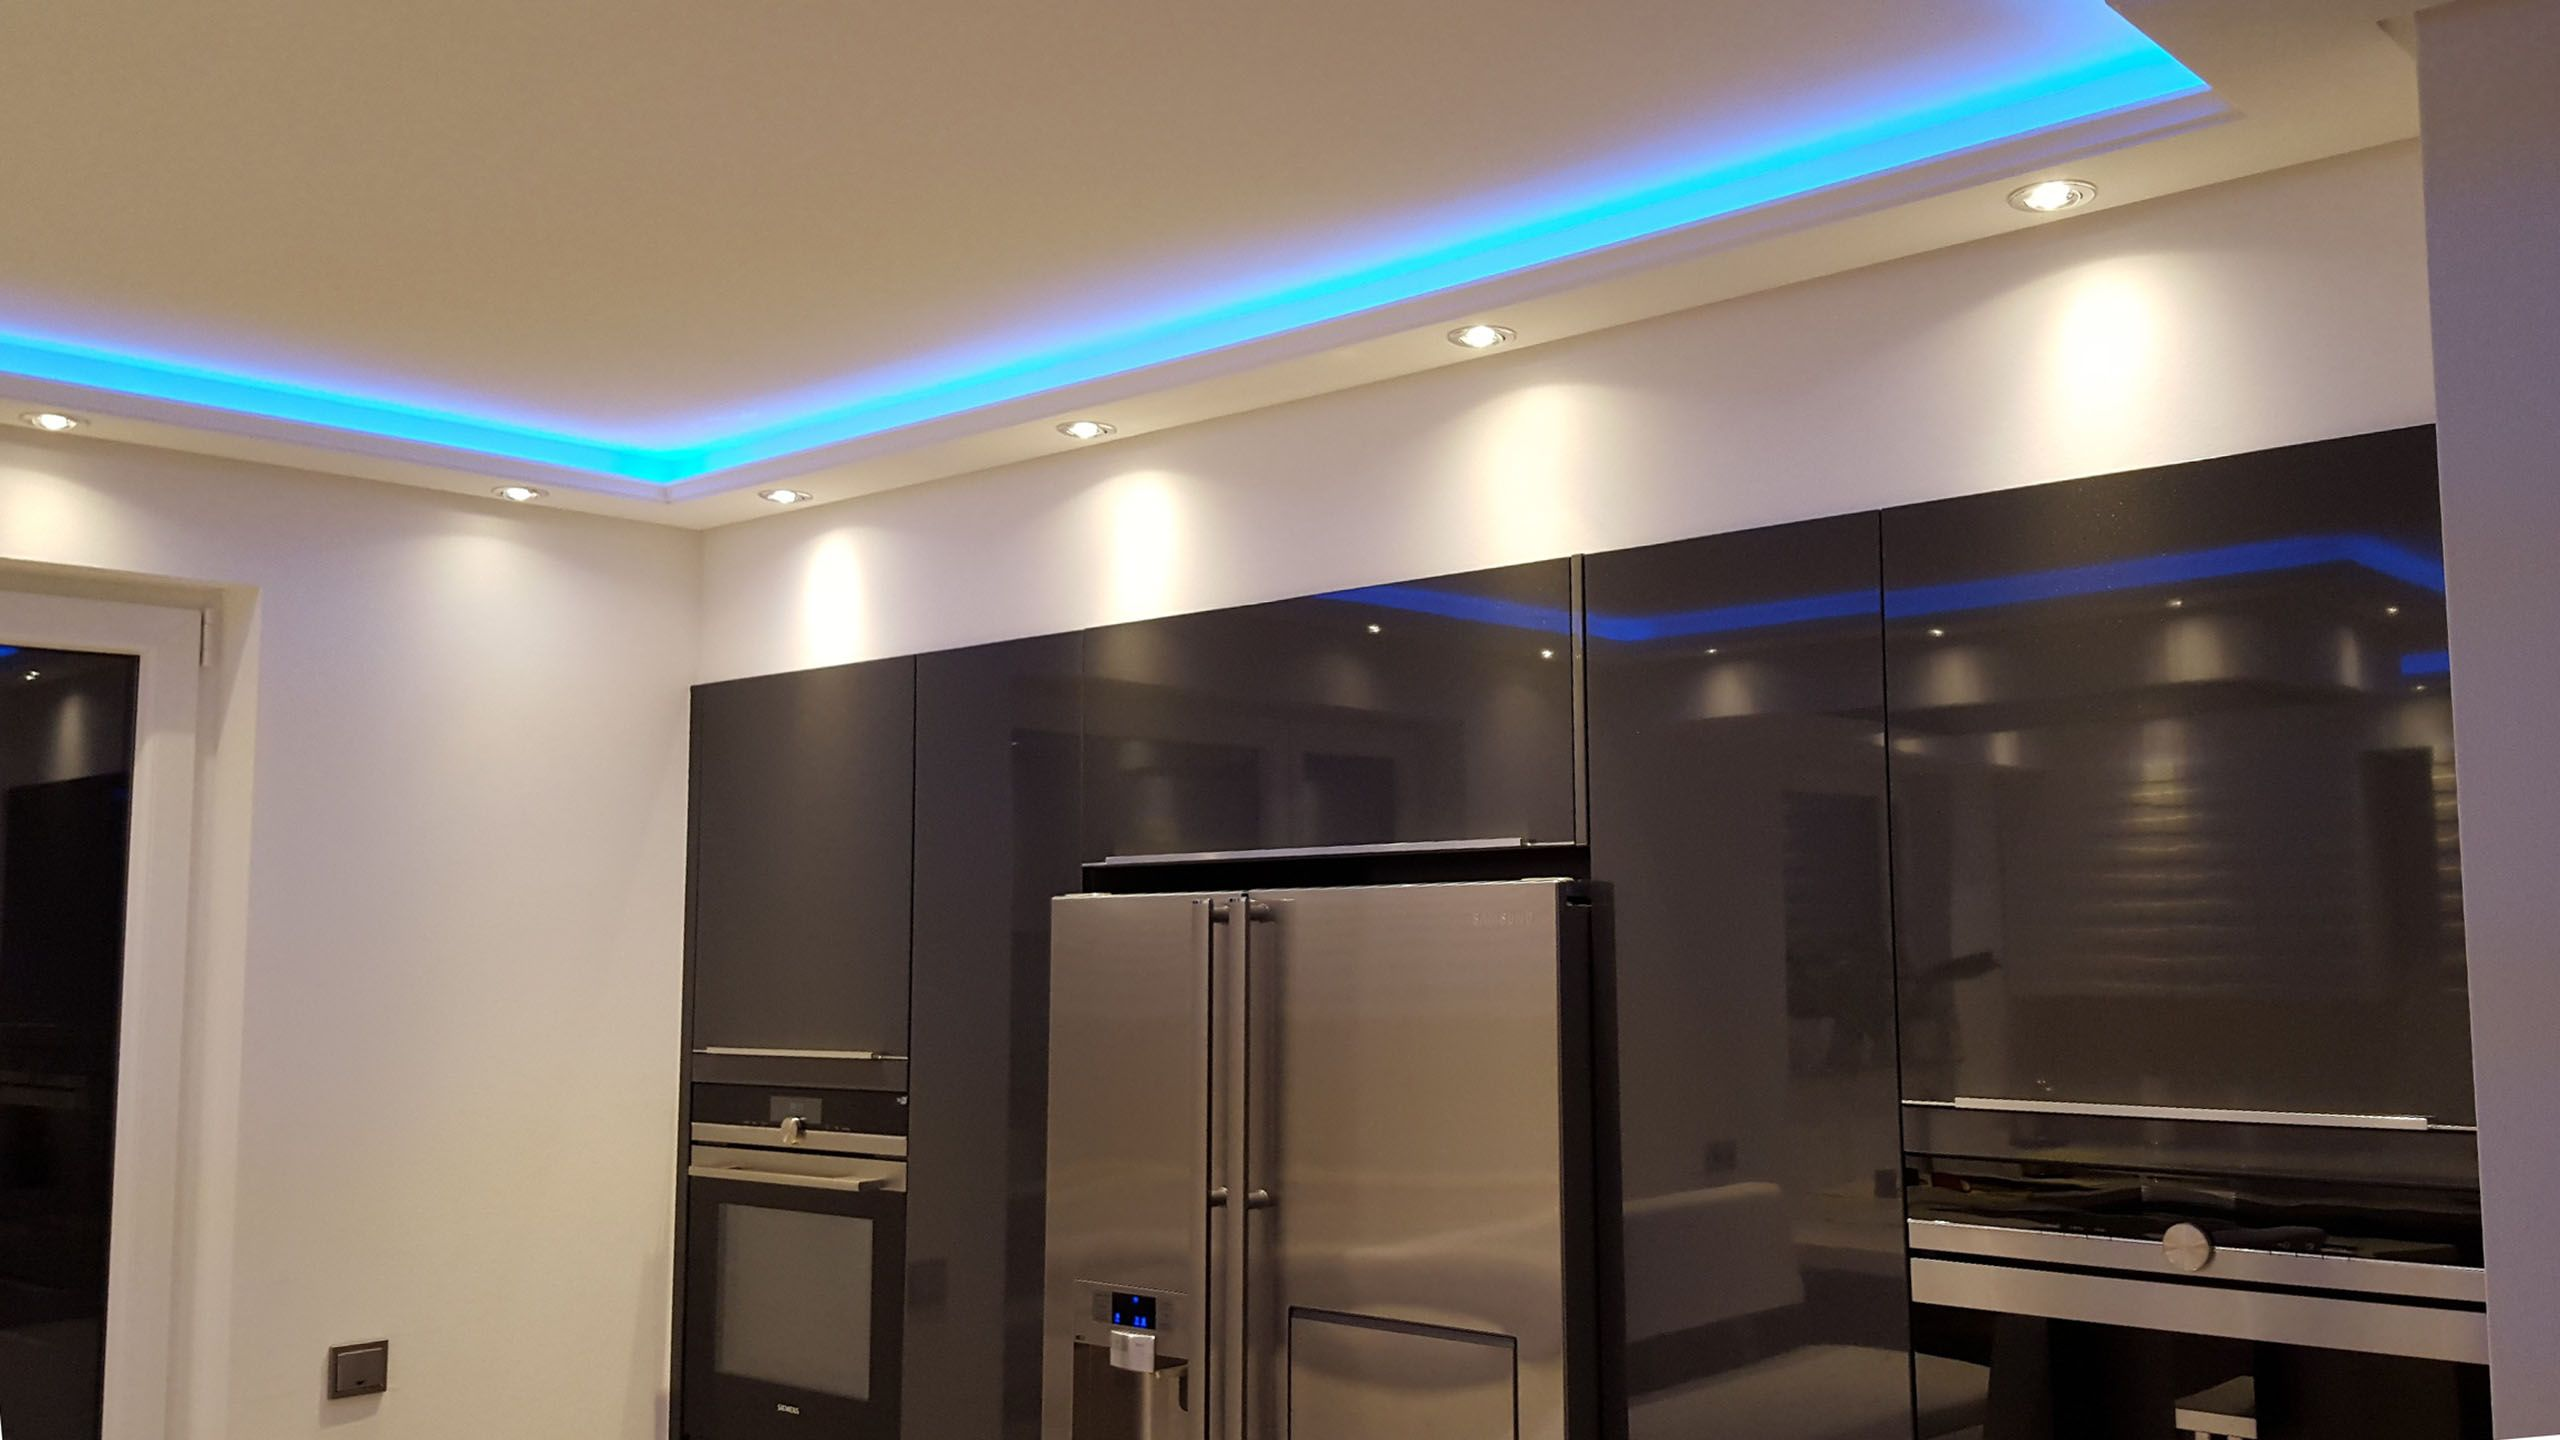 Led Spot Beleuchtung Mit Styroporleisten In Der Kuche Indirekte Beleuchtung Beleuchtung Led Spots